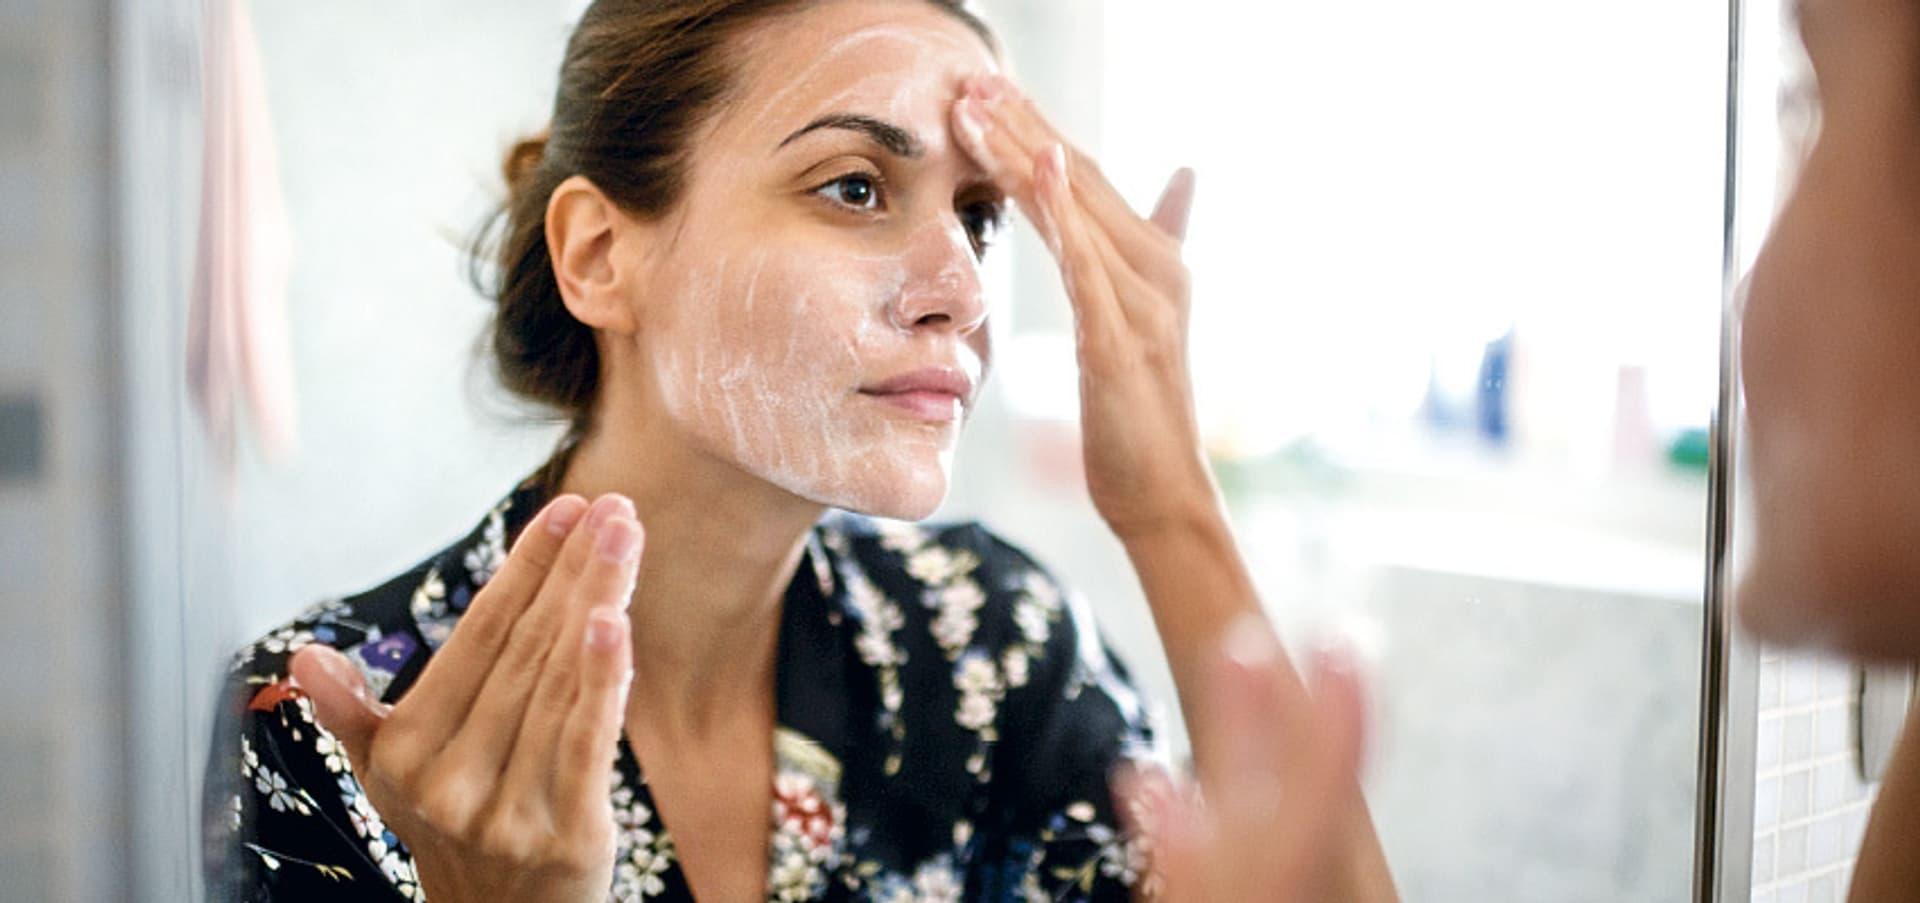 Eine Frau steht vor dem Spiegel und cremt sich das Gesicht ein.